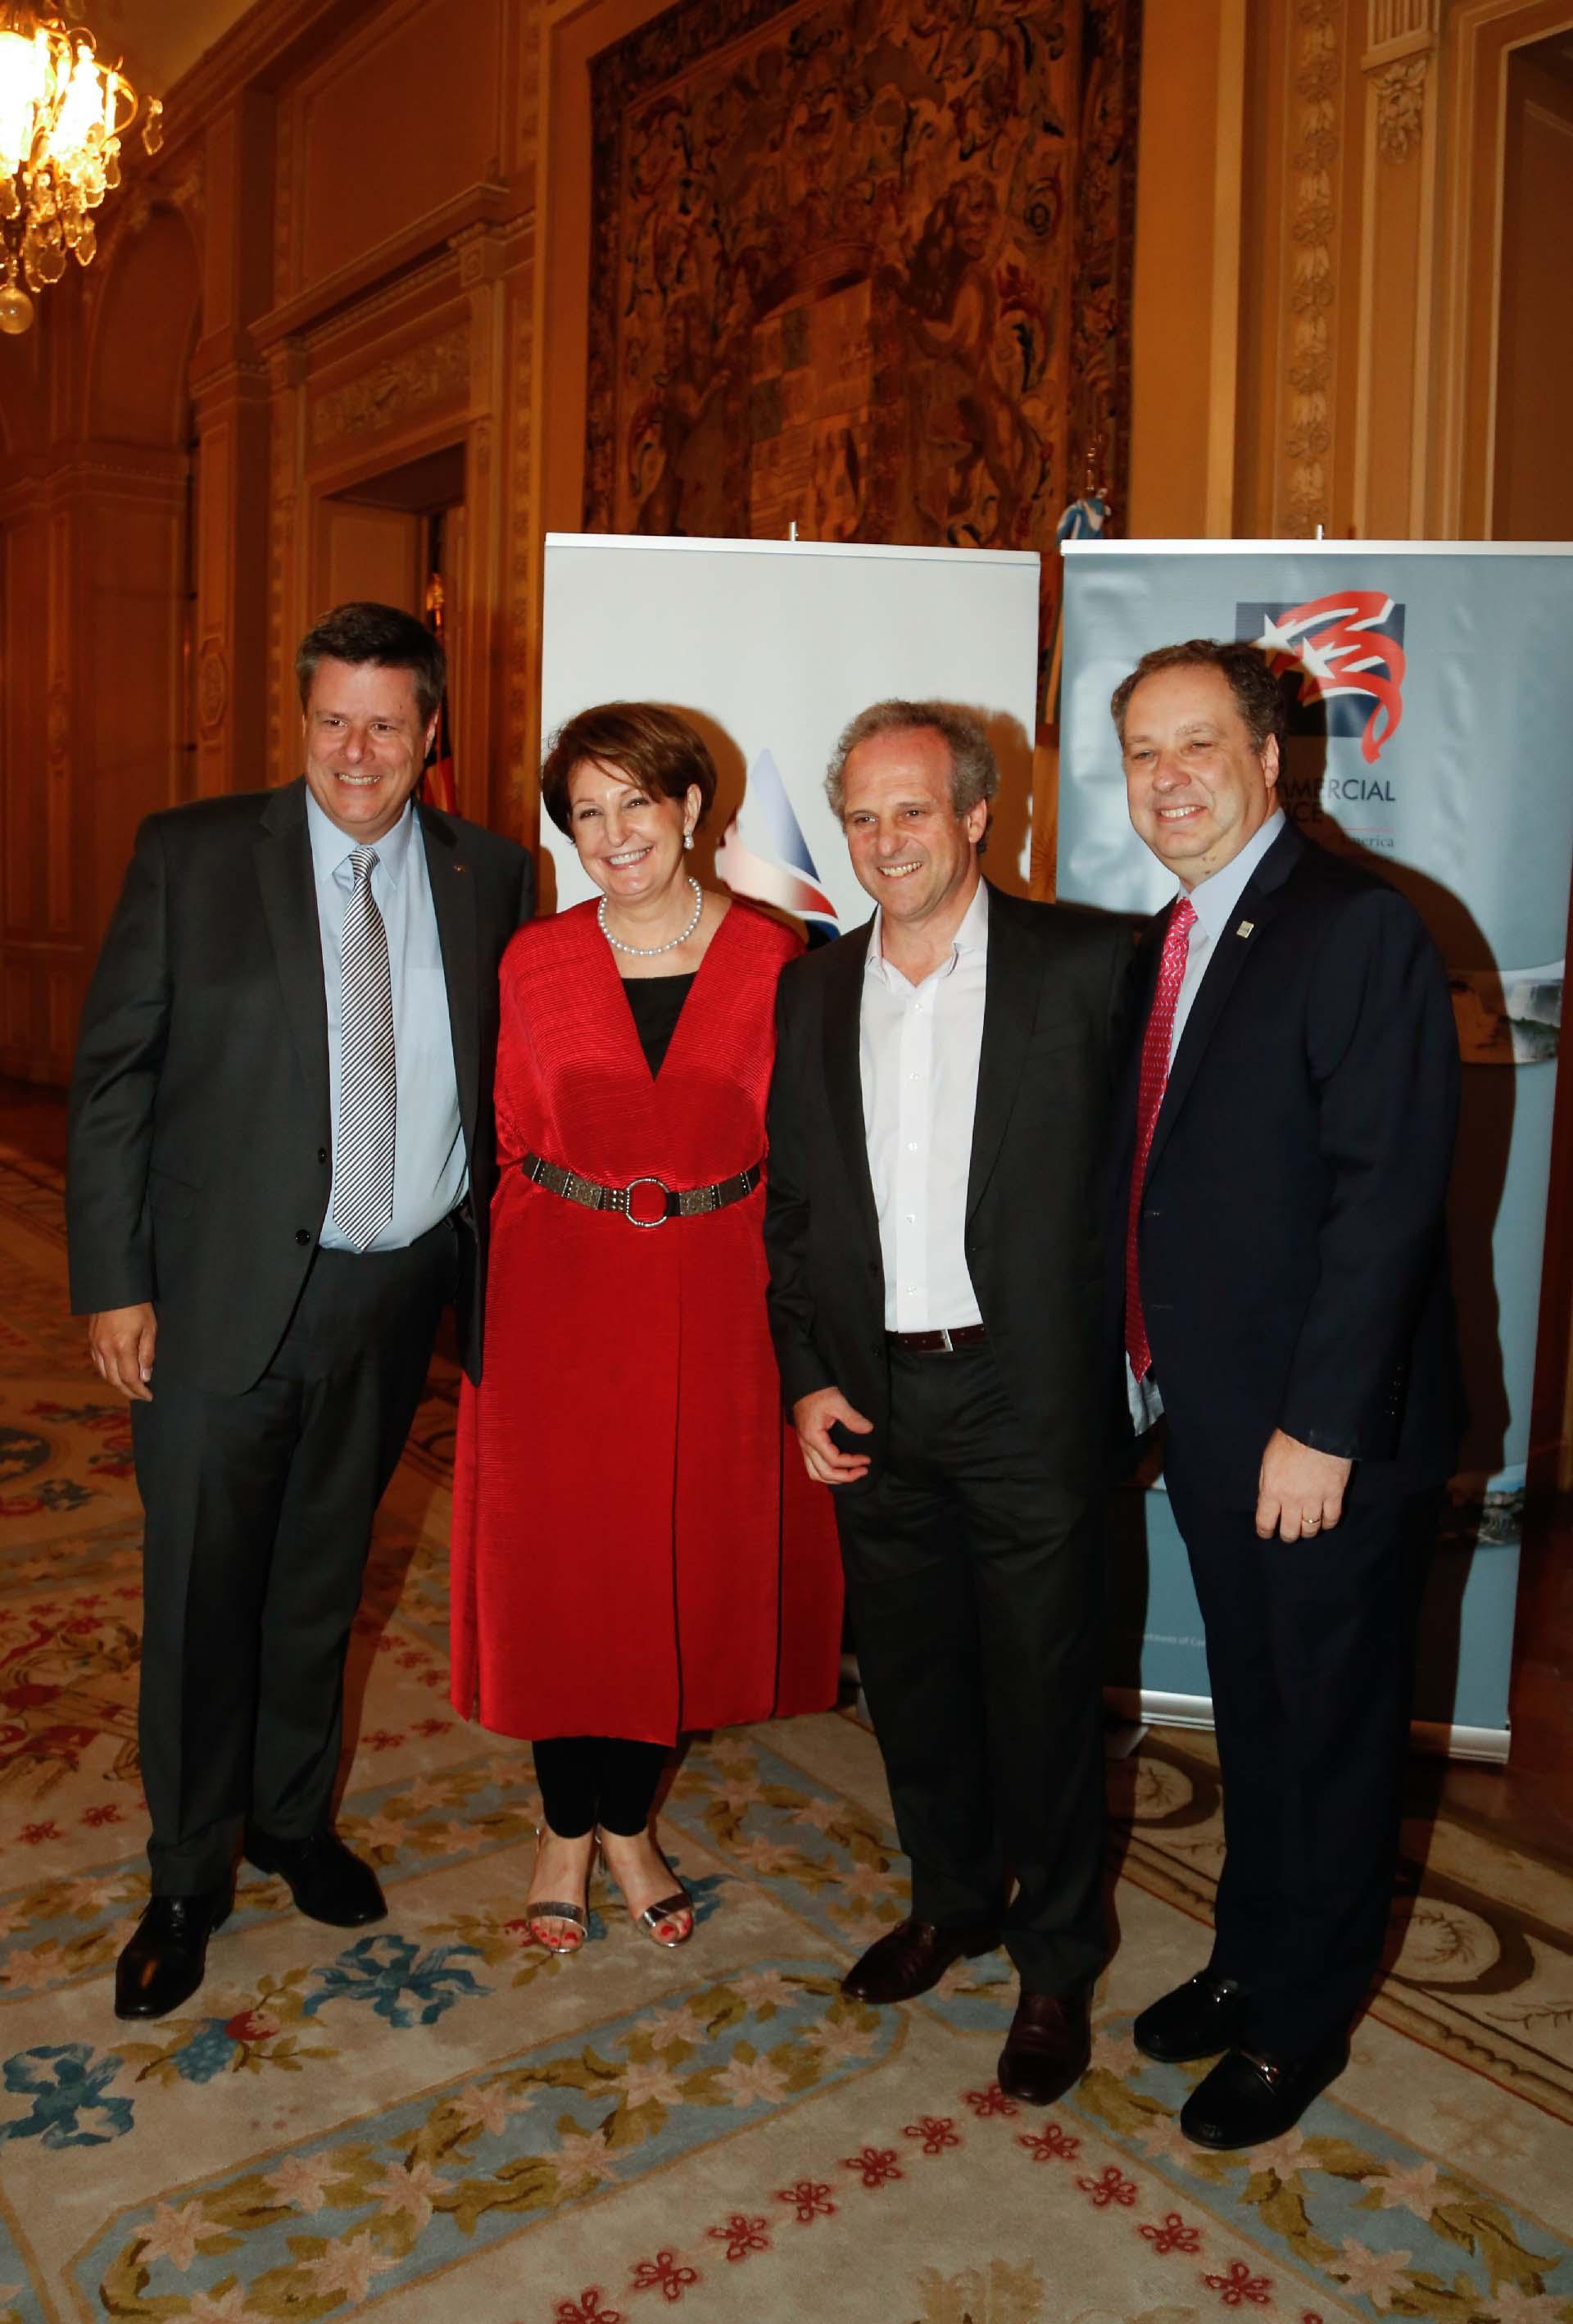 Federico Ovejero, vicepresidente de General Motors Argentina; MaryKay Carlson, Roberto Alexander y Christoff Poppe, director de Alianzas de United Airlines Argentina